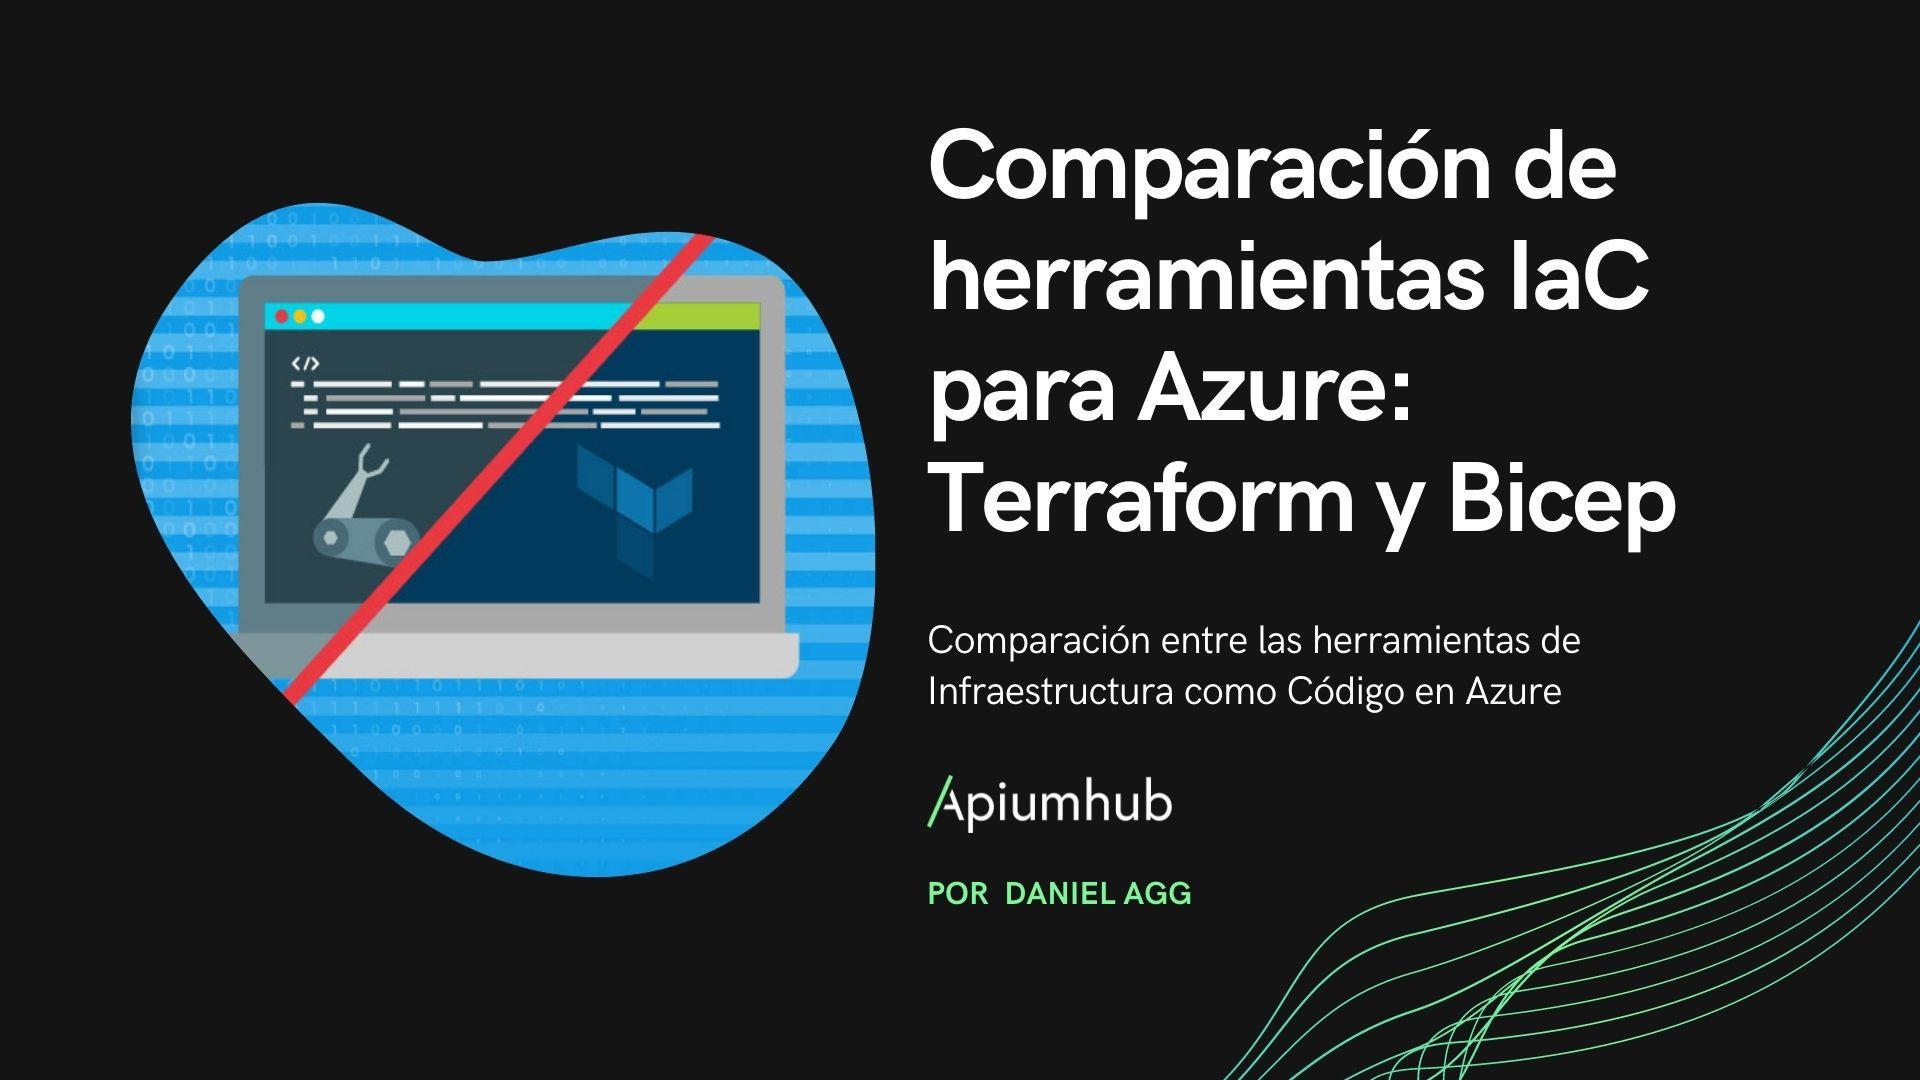 Comparación de herramientas IaC para Azure: Terraform y Bicep